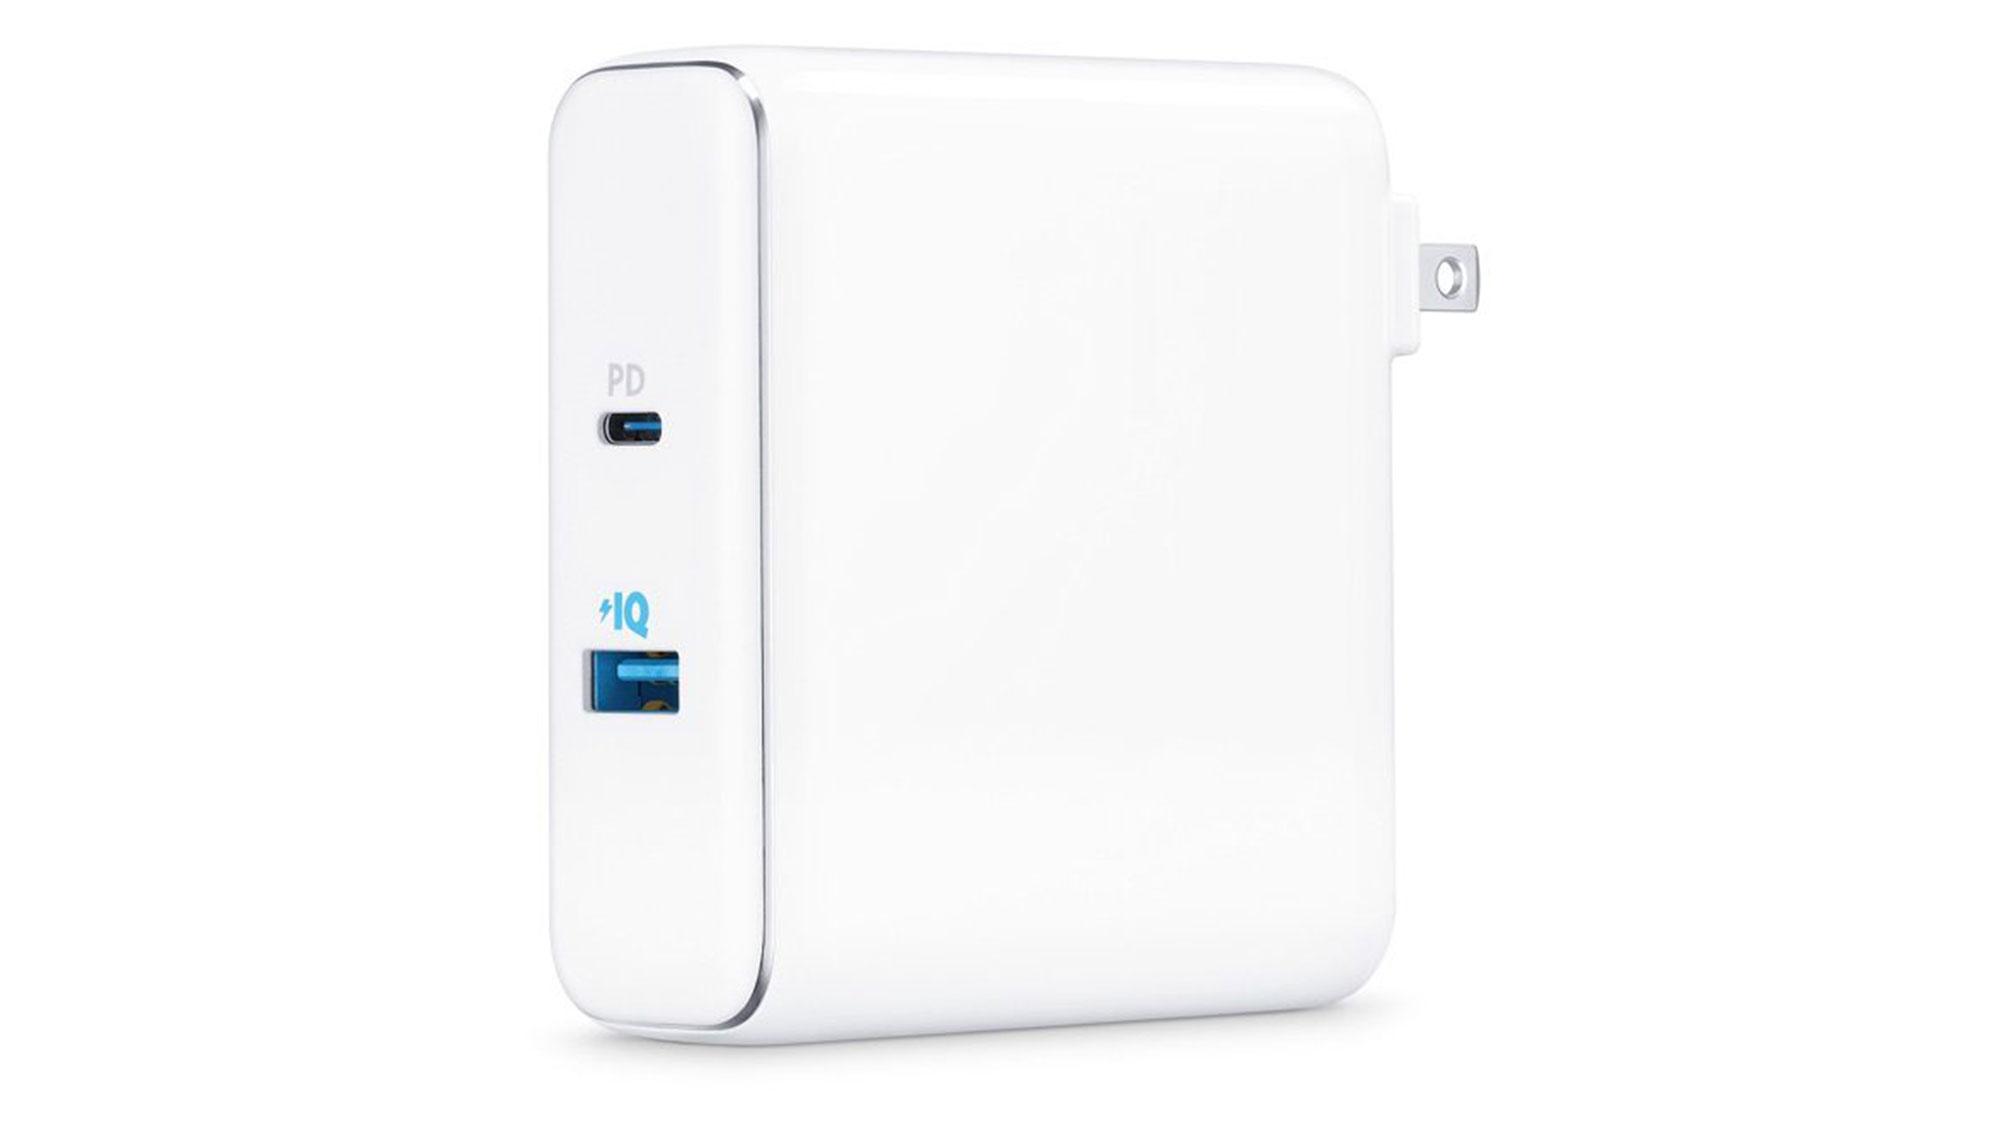 苹果官网上架 Anker 二合一充电器 PowerCore Fusion